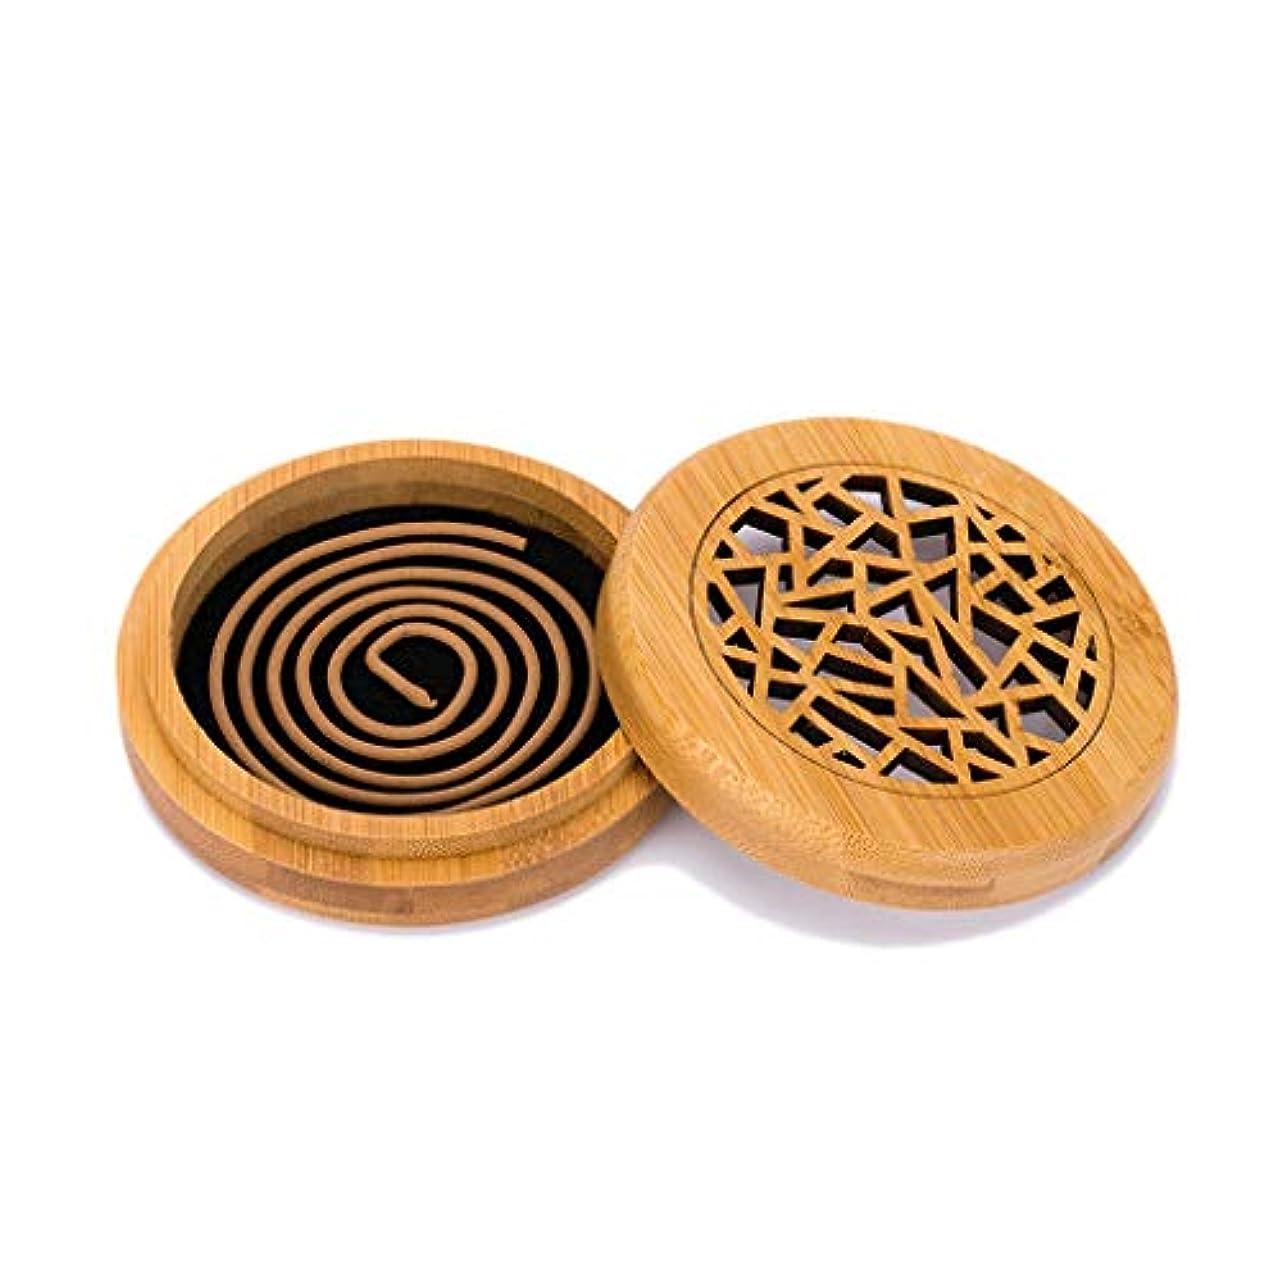 実現可能不完全なギャップ木製香炉コイル香スティックコーンバーナーホルダー部屋の装飾瞑想竹アッシュキャッチャー香ホルダー (Color : Wood, サイズ : Round)